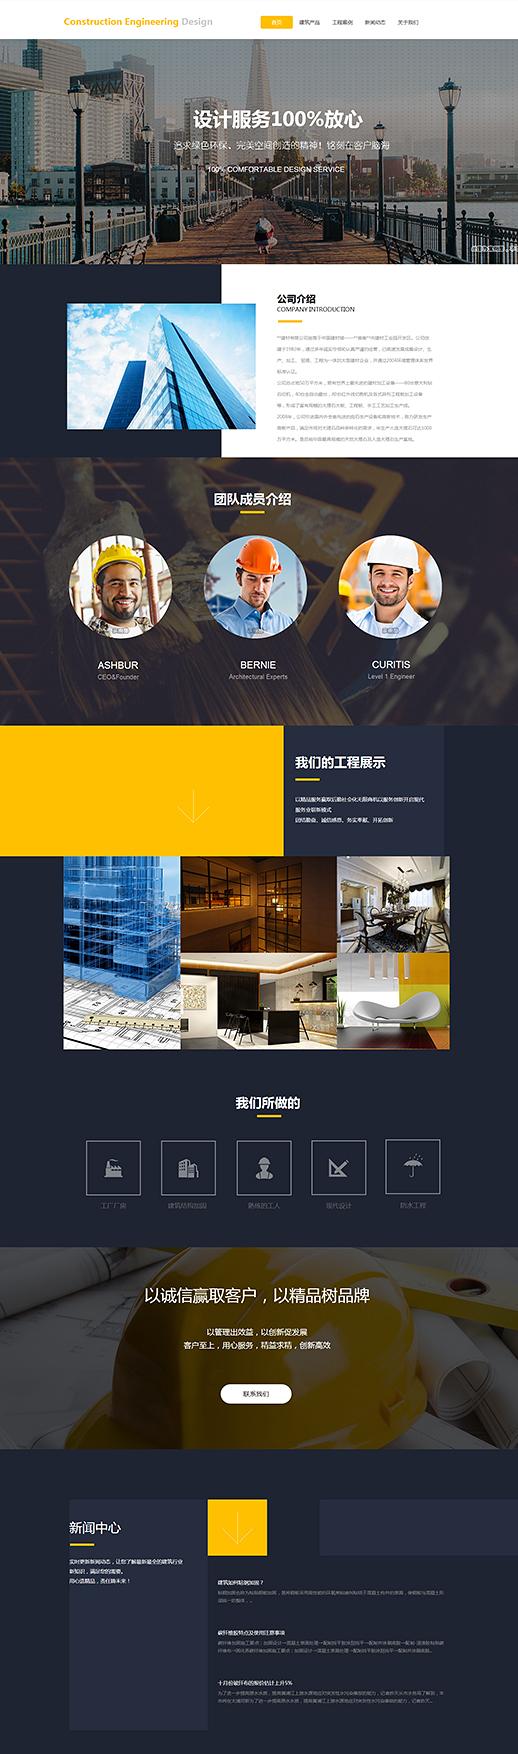 翻转banner图建筑创新网页模板